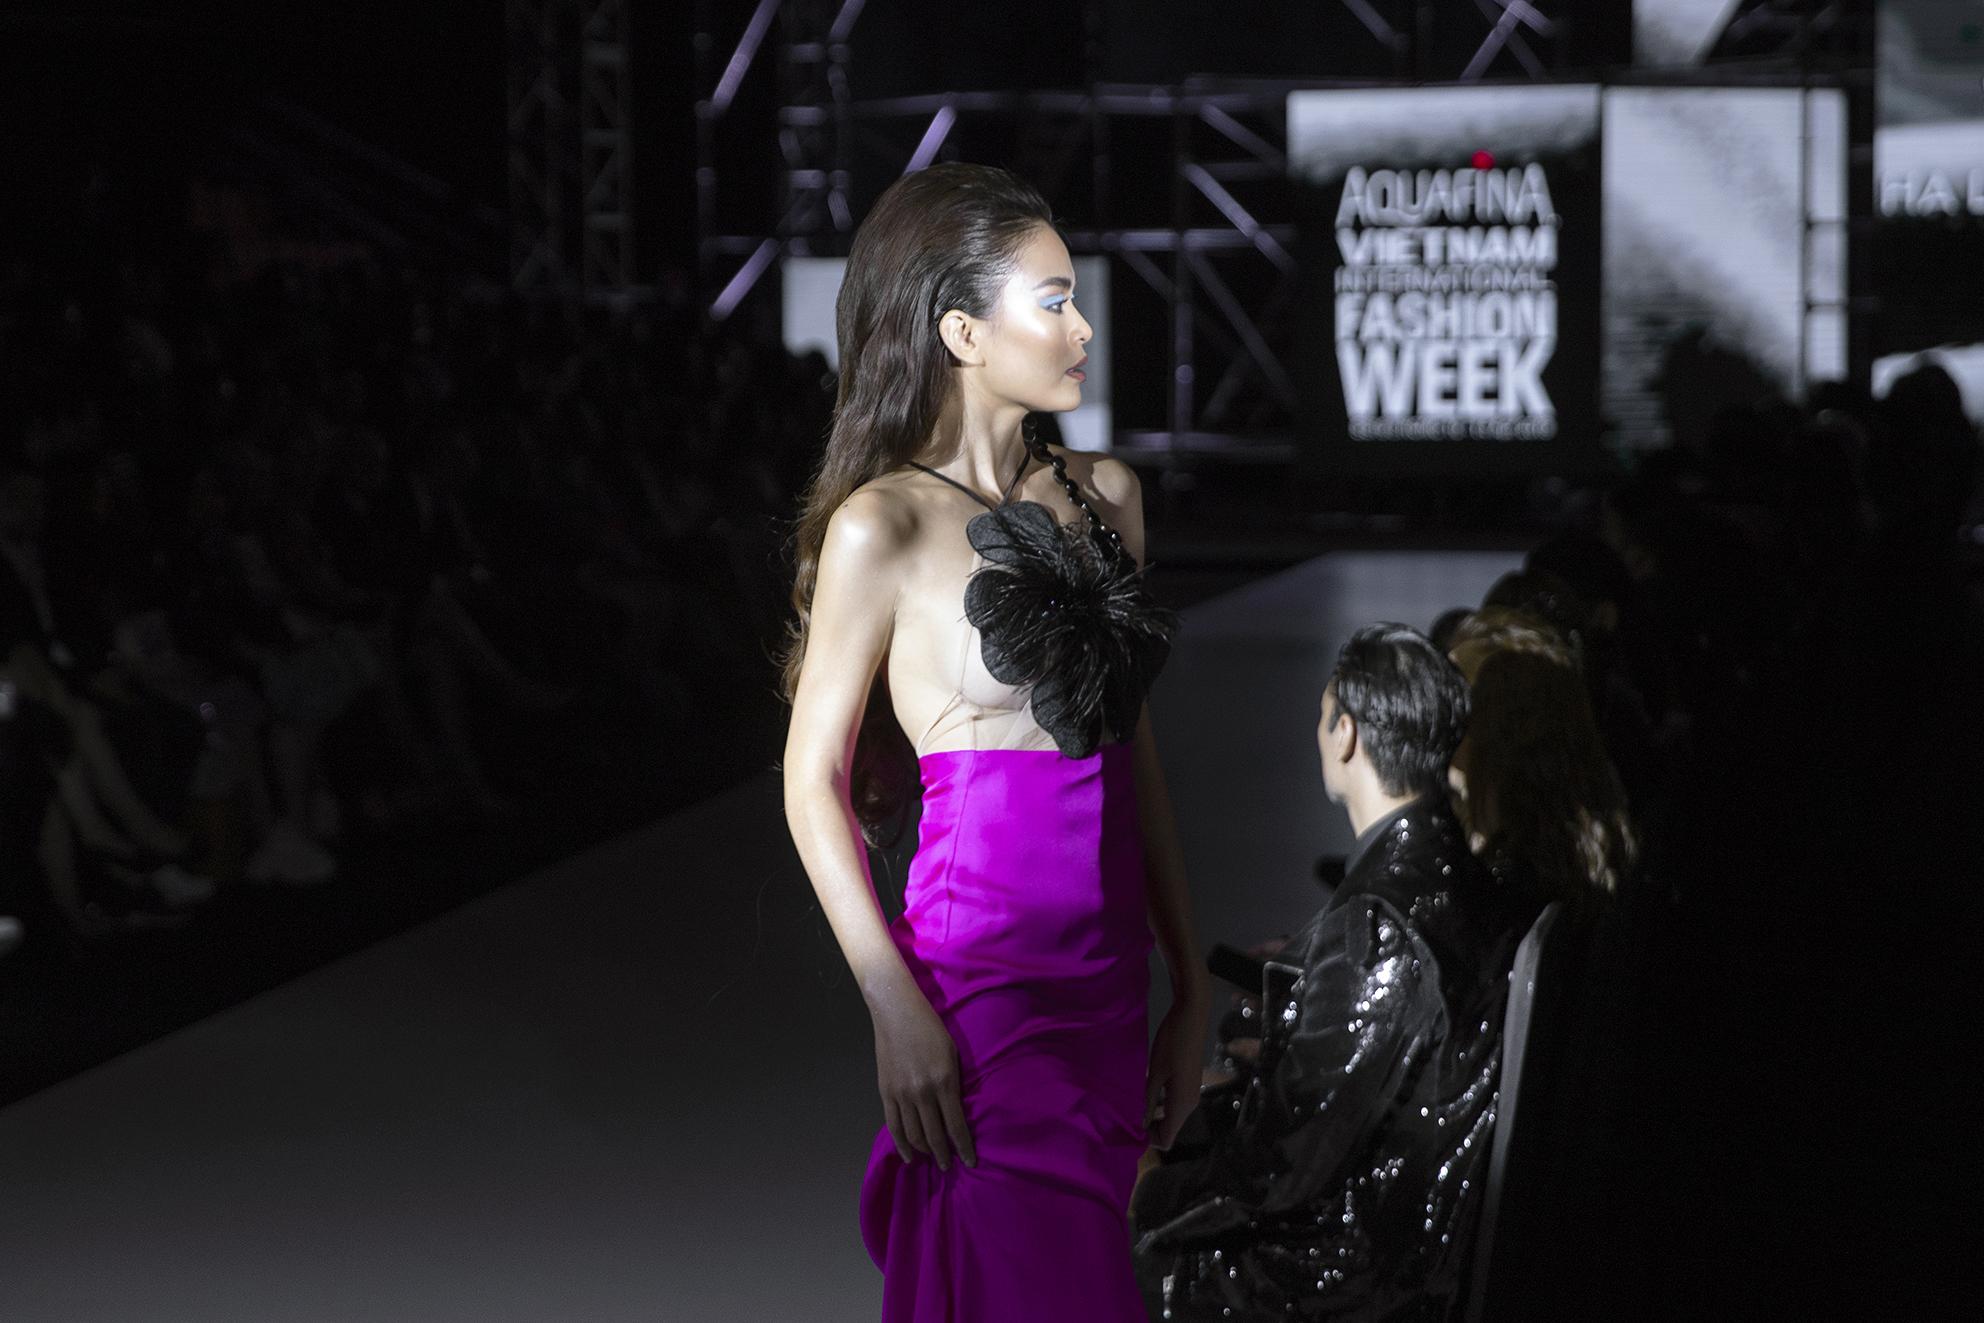 Á hậu Mâu Thuỷ không mặc nội y khi làm vedette cho NTK Hà Linh Thư 3